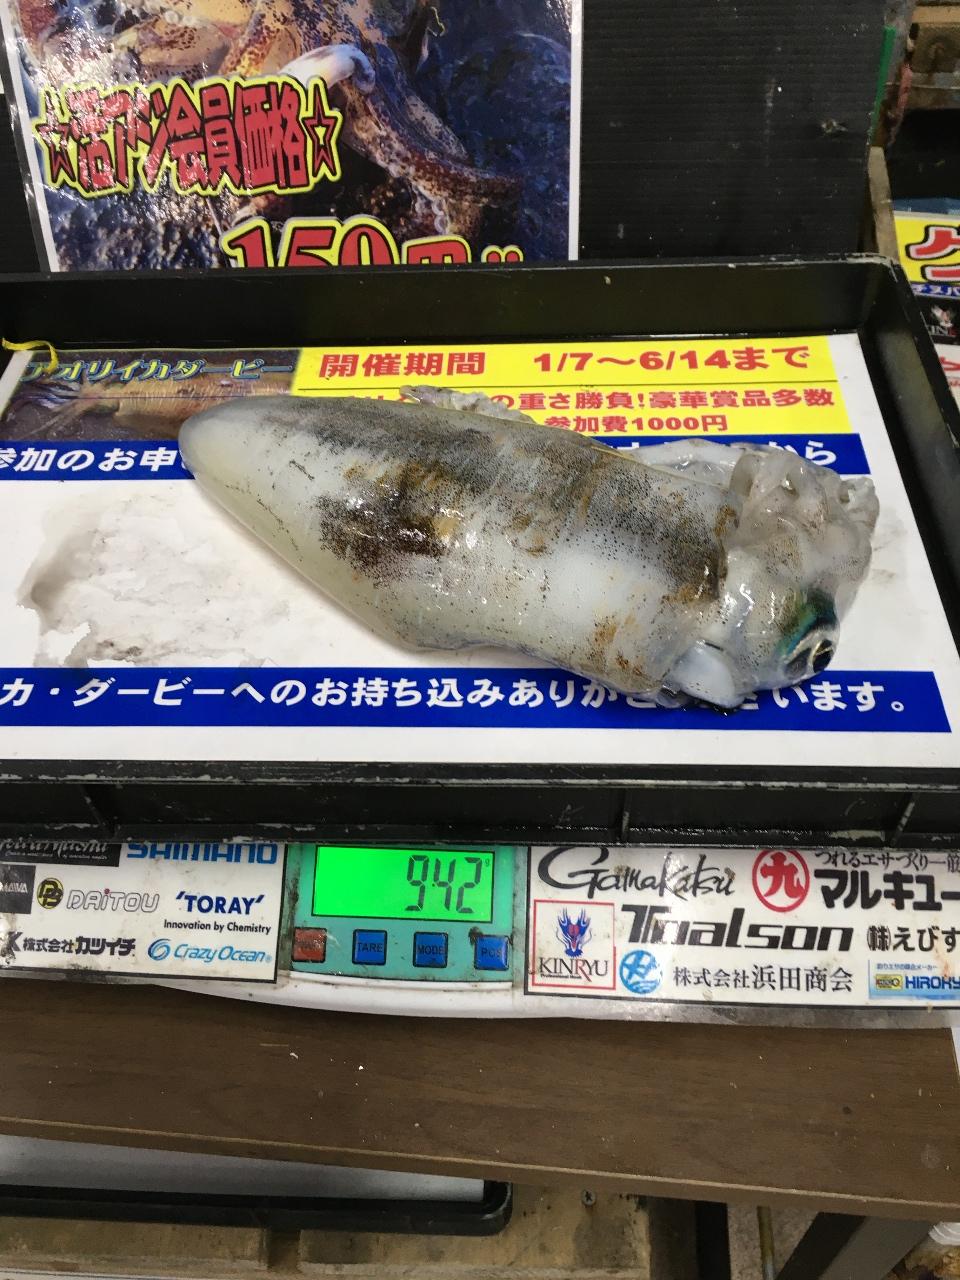 2/24 INV 様よりの釣果情報